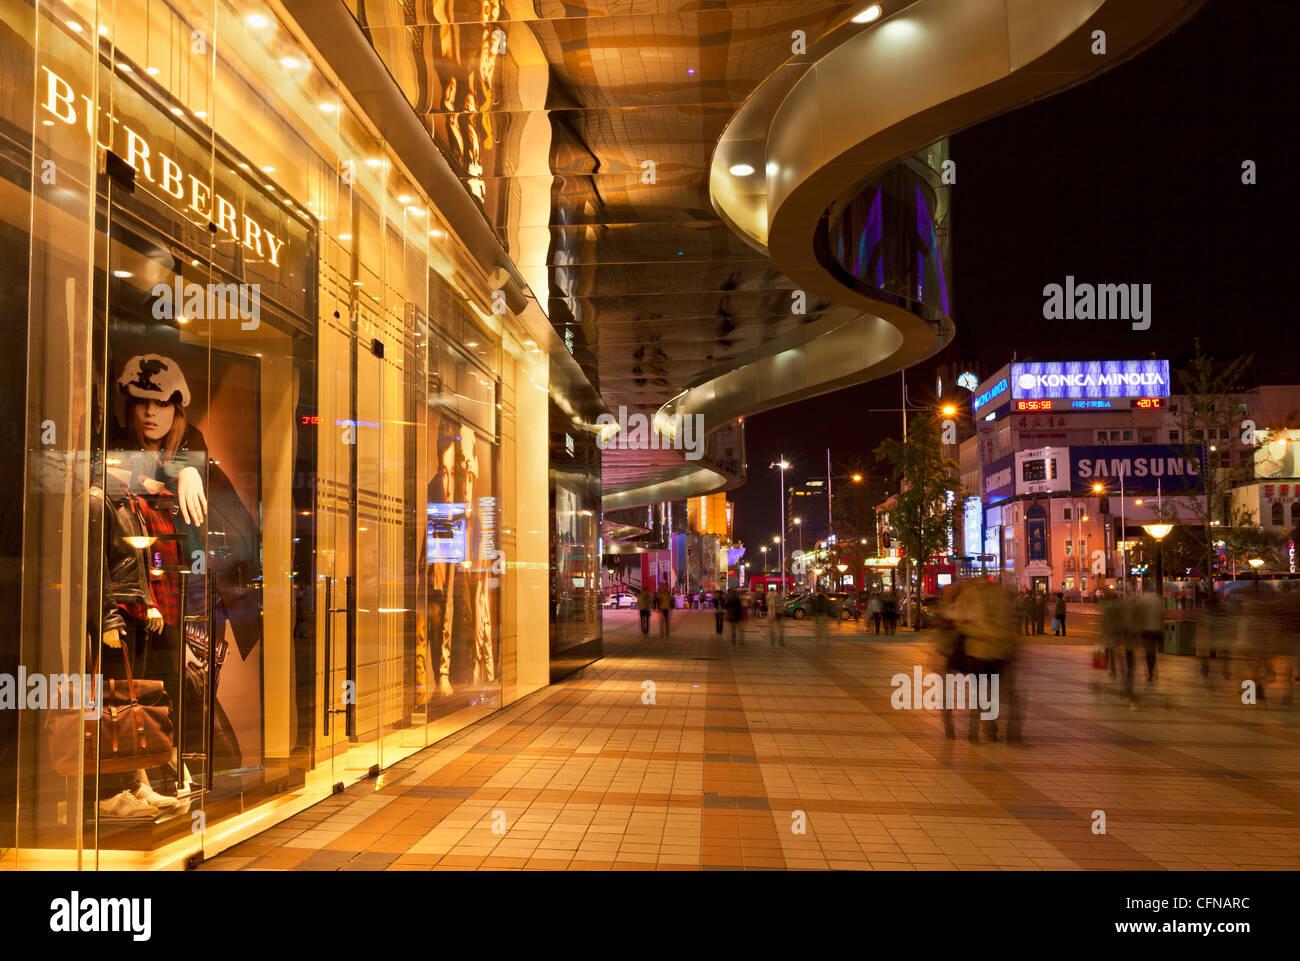 Chinesische Kaufhaus mit Menschen einkaufen, Wanfujing Dajie, Zentrum von Peking, China, Asien Stockbild